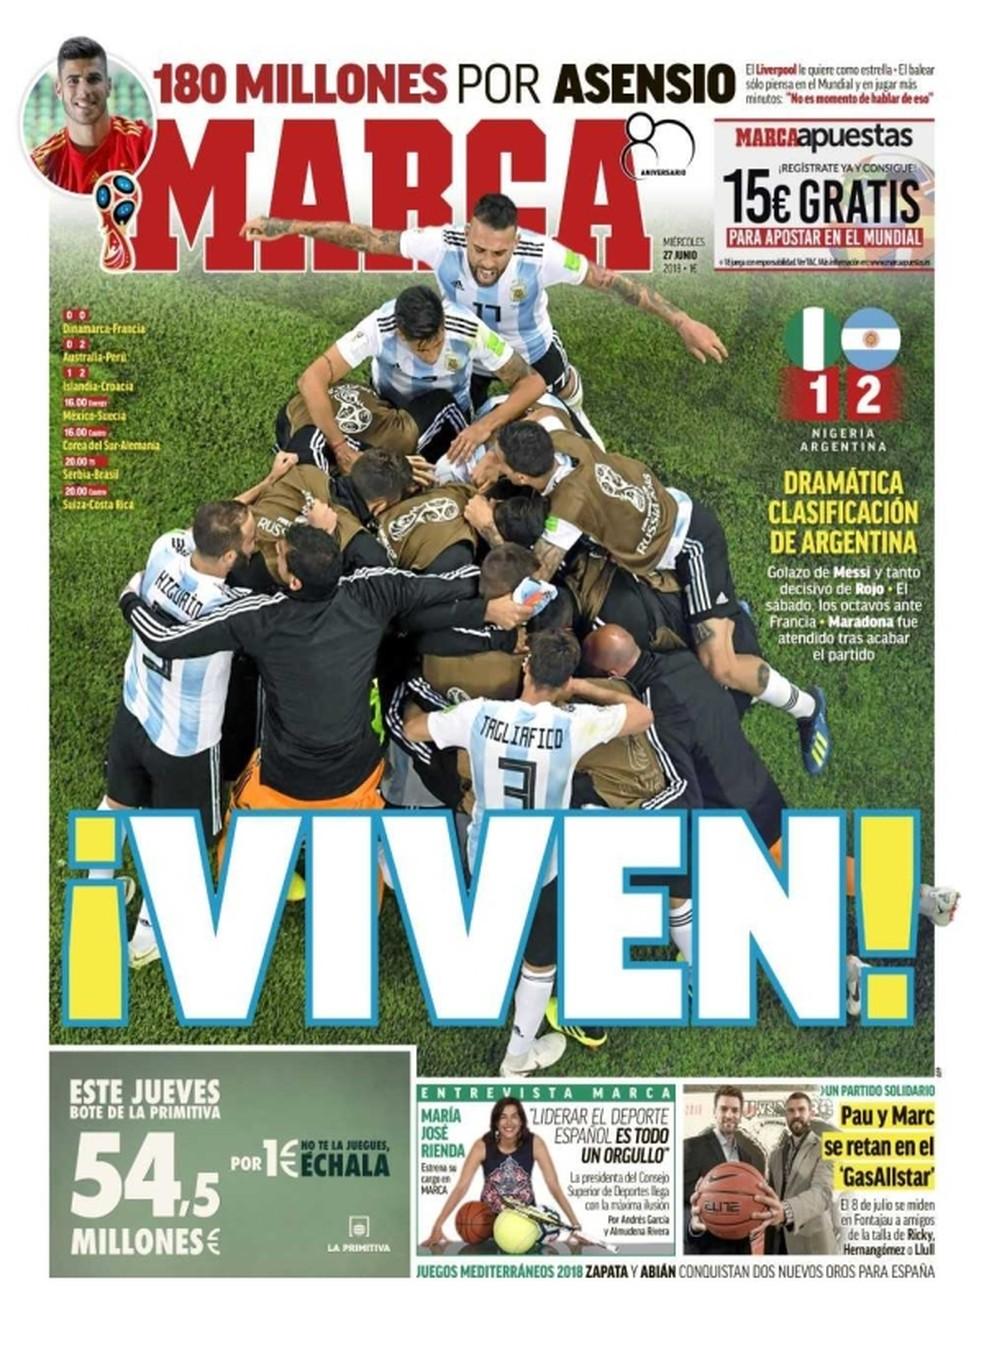 capa do marca sobre classificação da argentina (Foto: Divulgação)